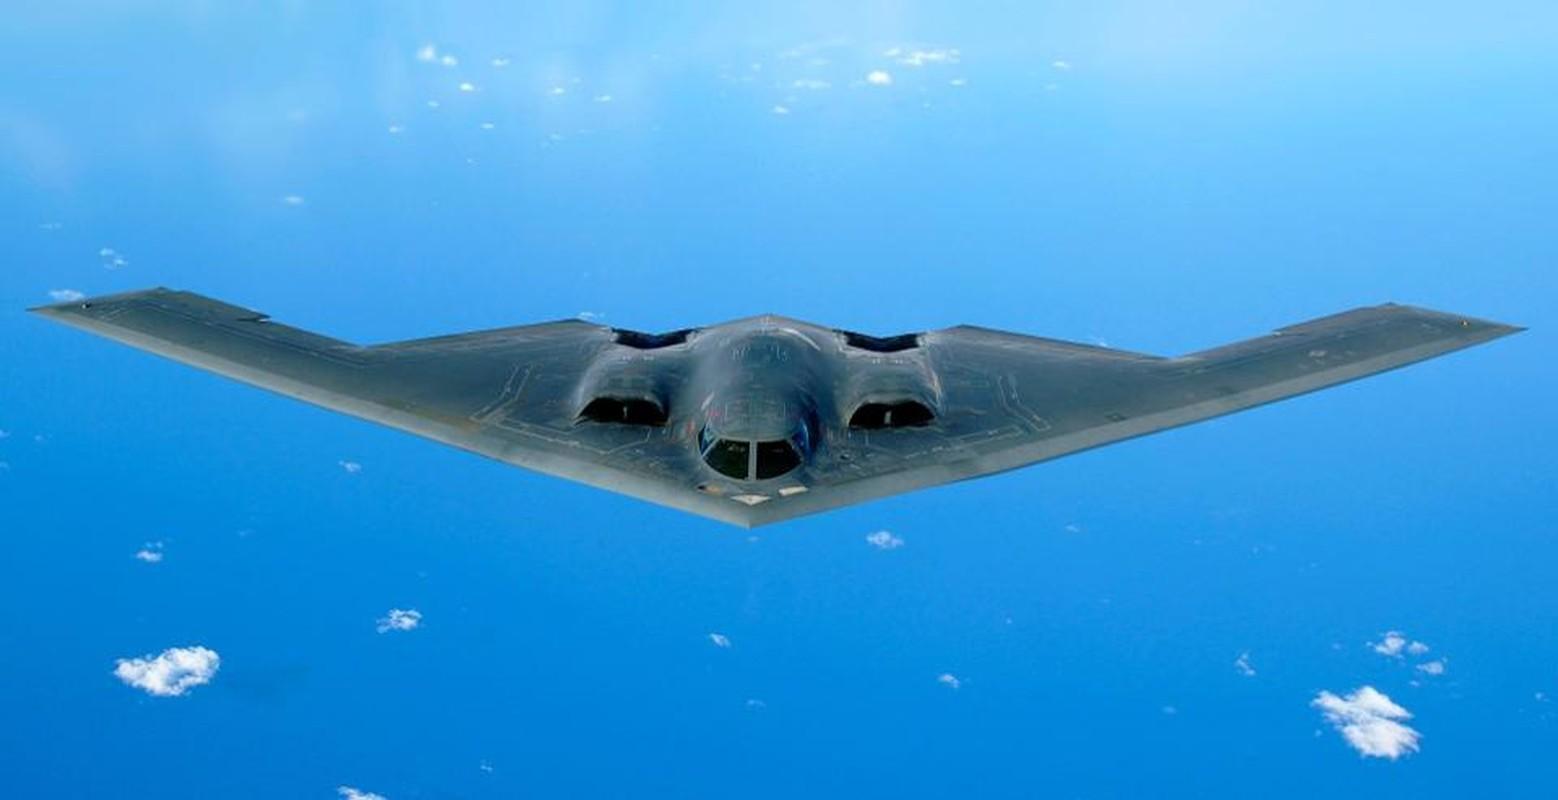 Oanh tac co B-21 Raider: My chua ban, nhieu nuoc da doi mua-Hinh-8